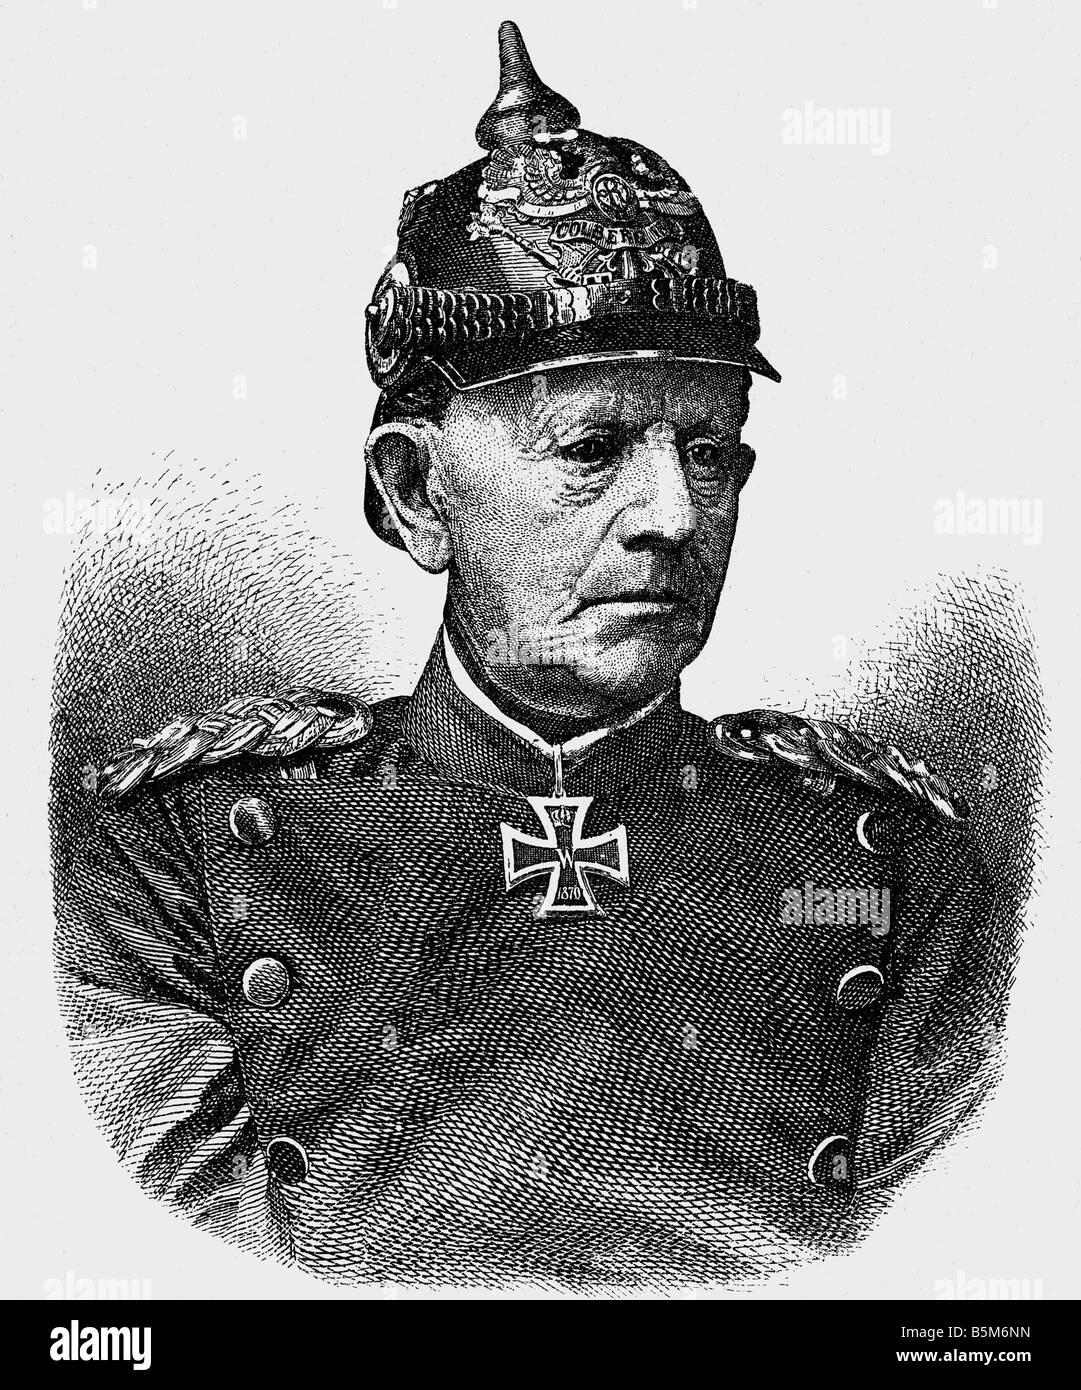 Moltke, Helmuth Karl von, 26.10.1800 - 24.4.1891, Prussian general, Chief of General Staff 1858 - 1888, portrait, - Stock Image